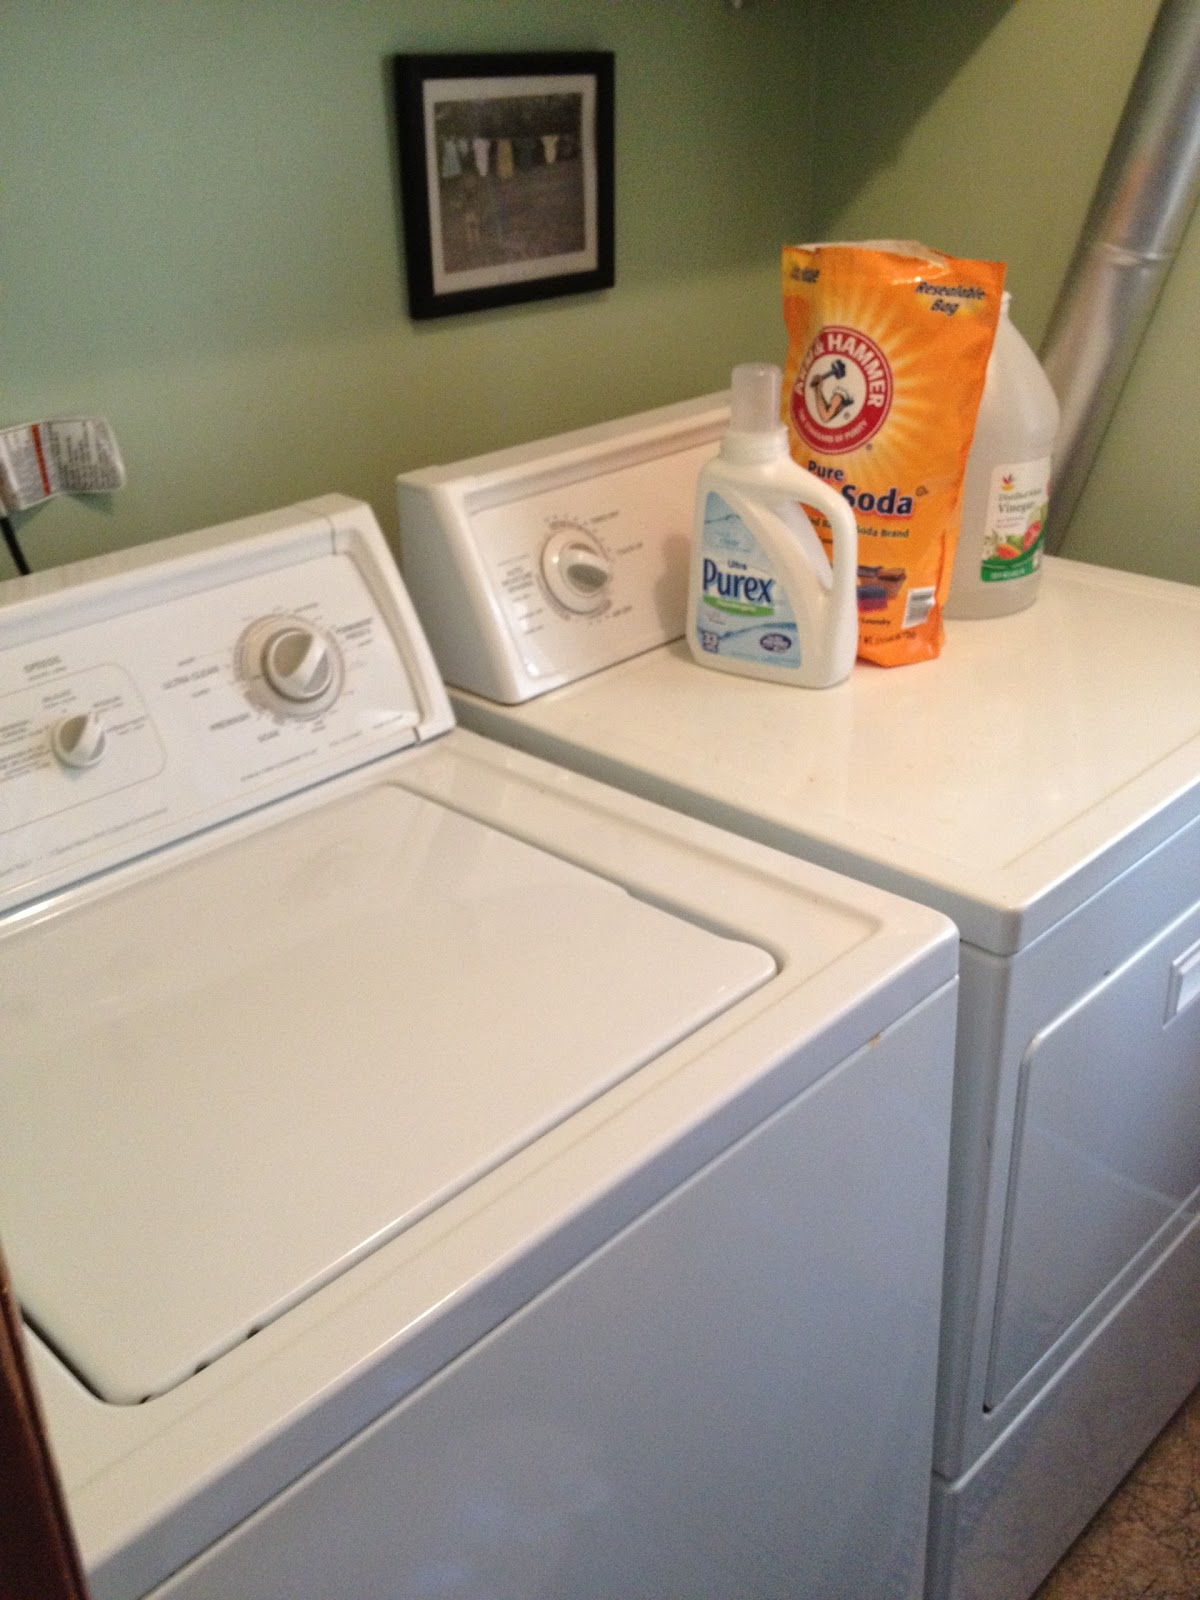 diy washing machine repairs